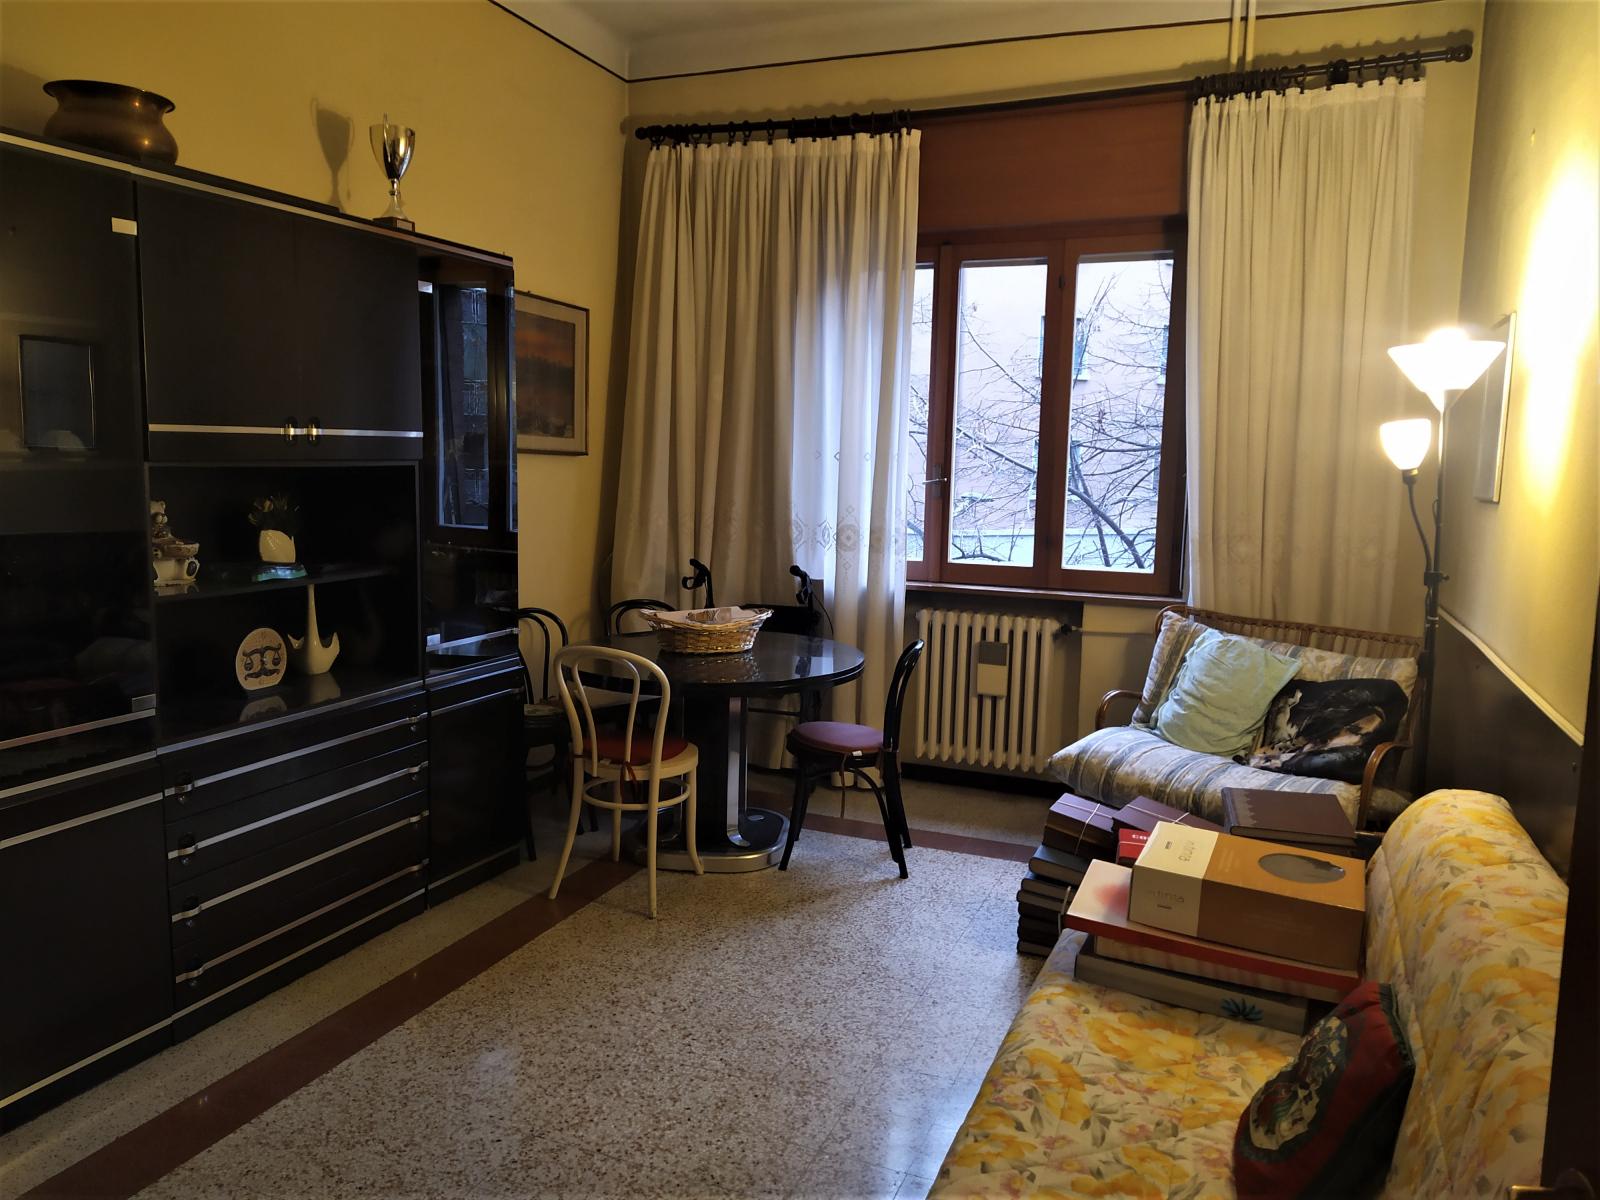 appartamento-in-vendita-piazza-seminunte-tre-locali-milano-da-ristrutturare-spaziourbano-immobiliare-dove-trovi-casa-9